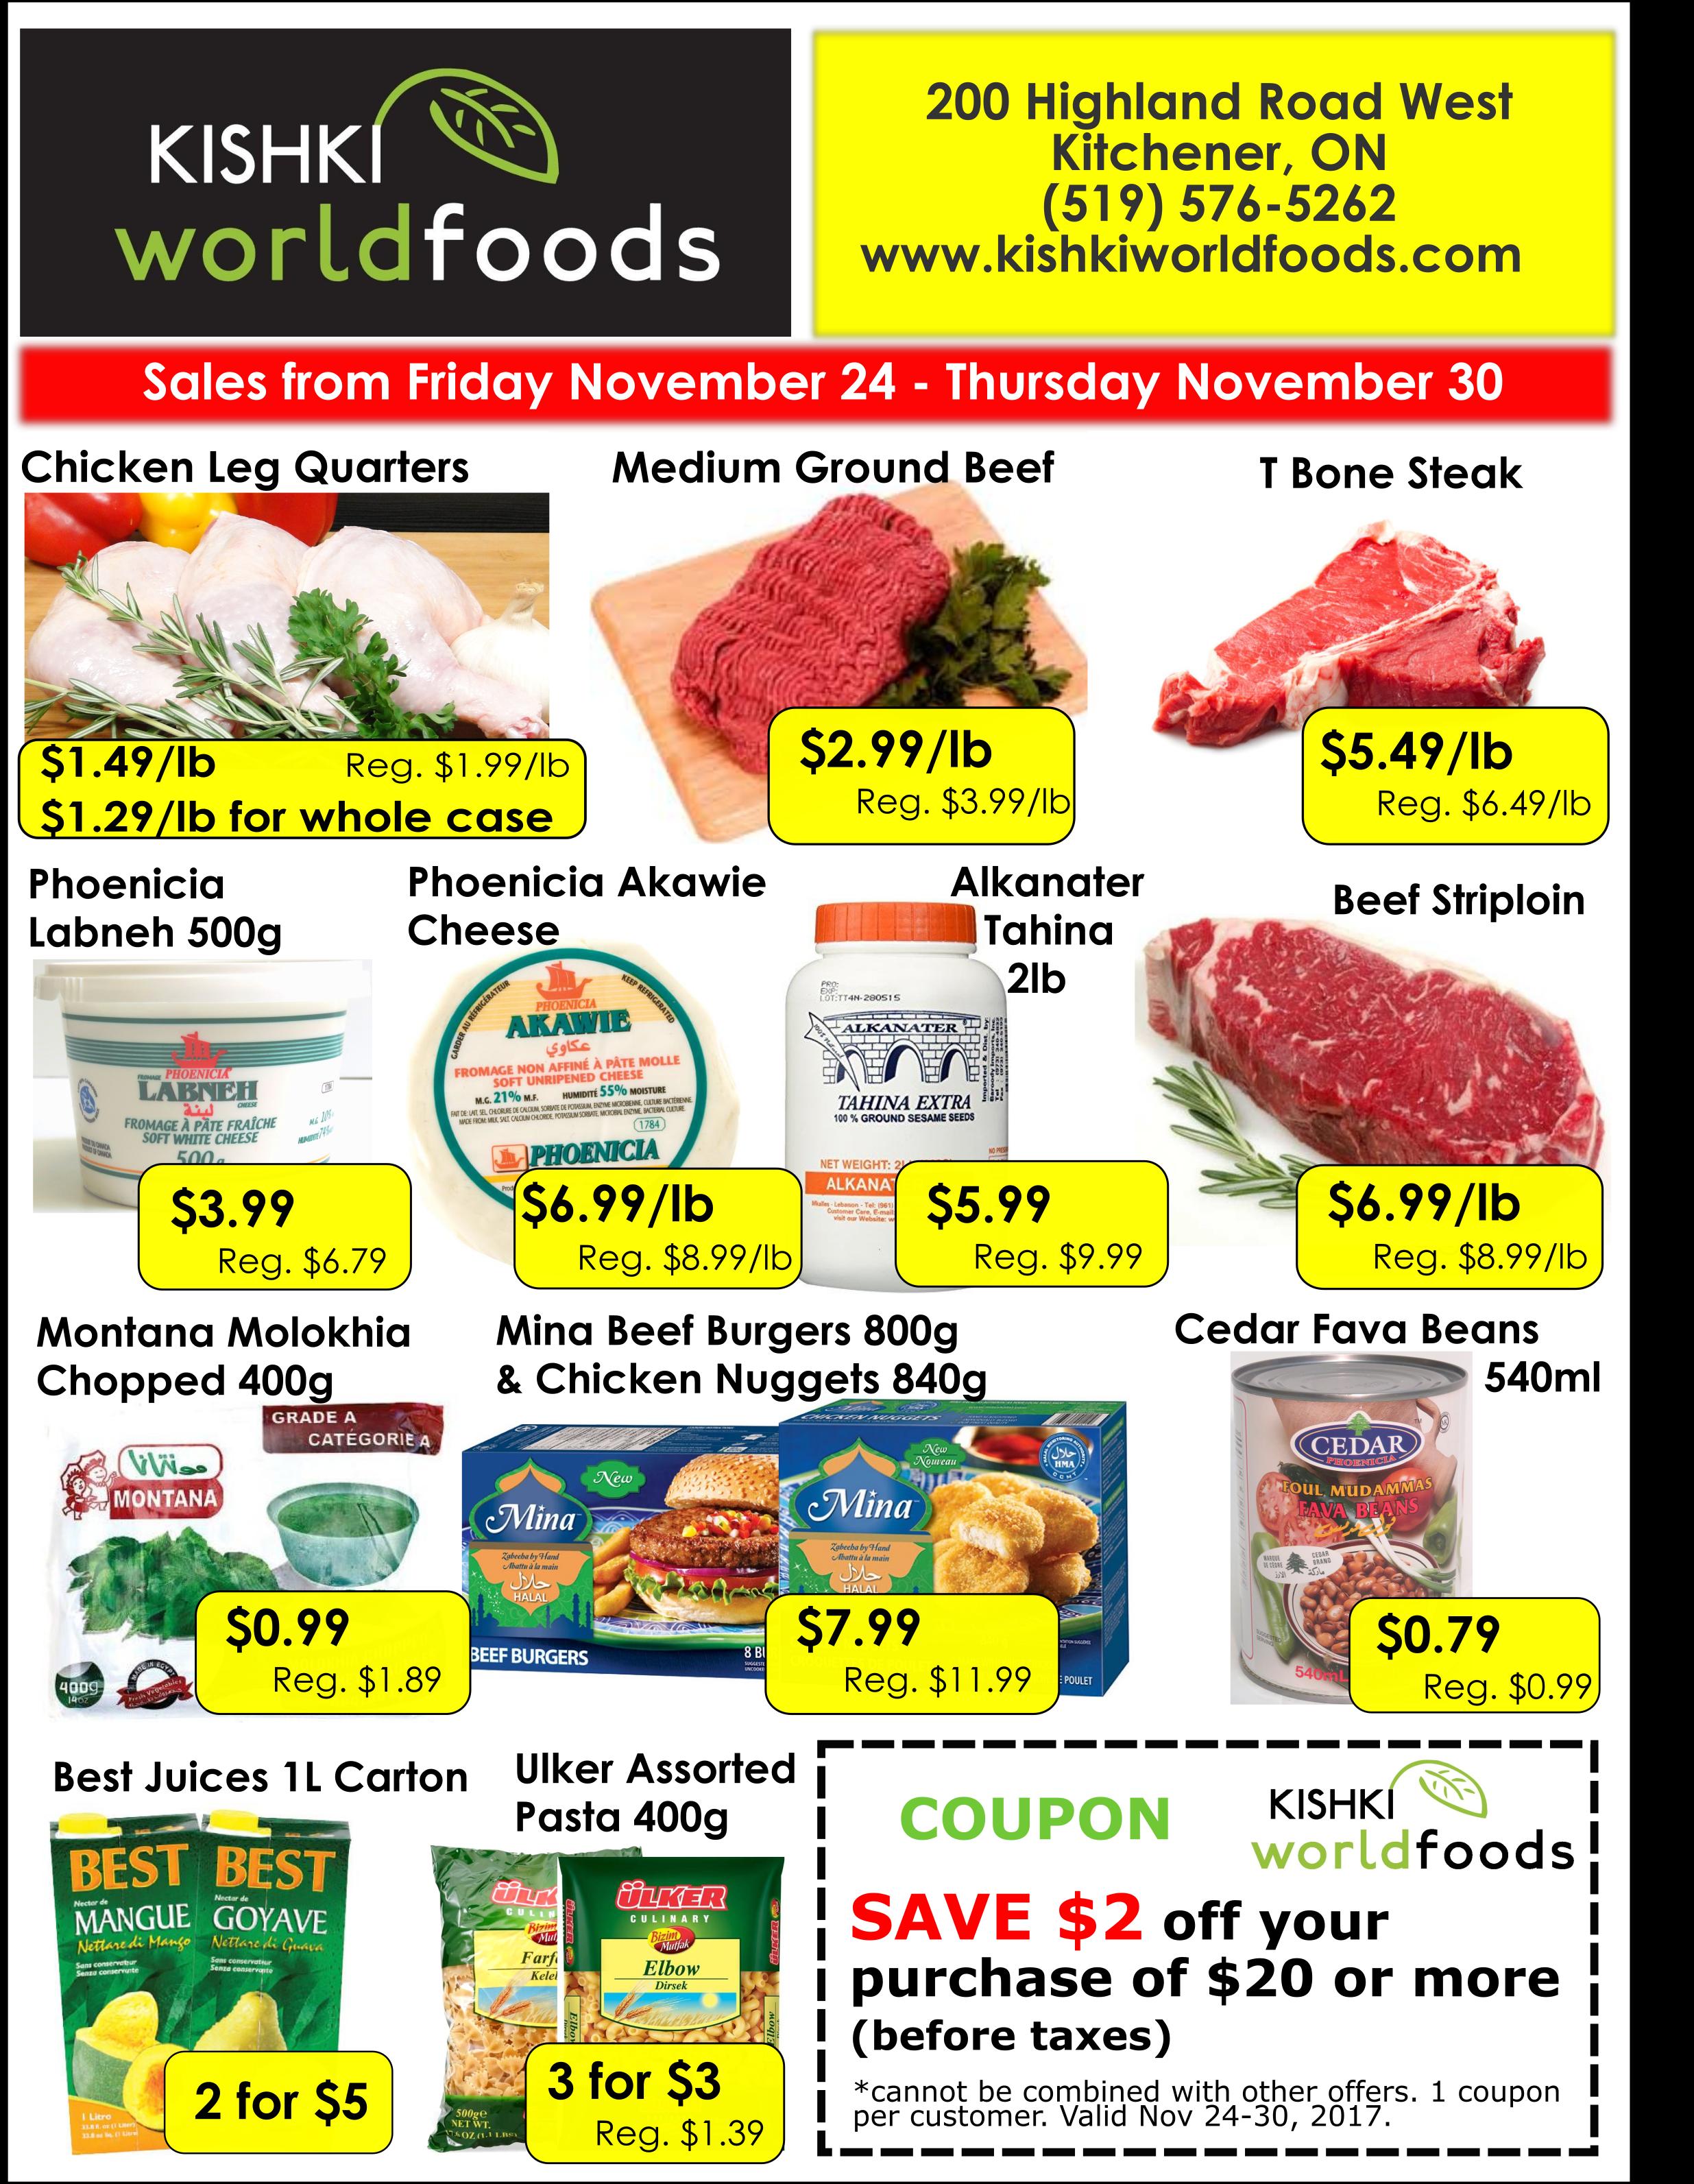 Kishki World Foods Flyer Nov 24-30